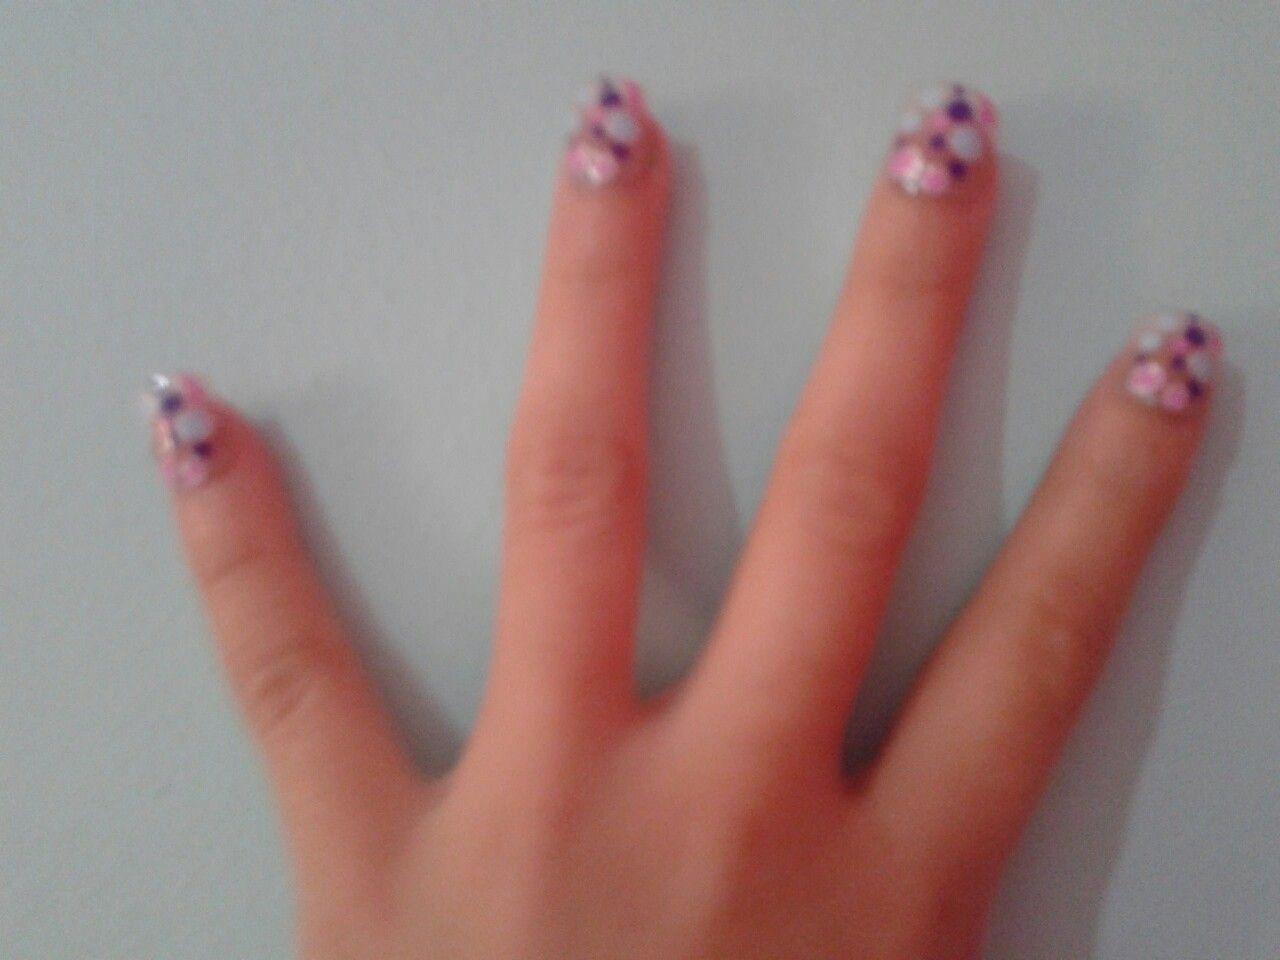 Pin by Habiba Osama on fancy nail polish desings | Pinterest | Fancy